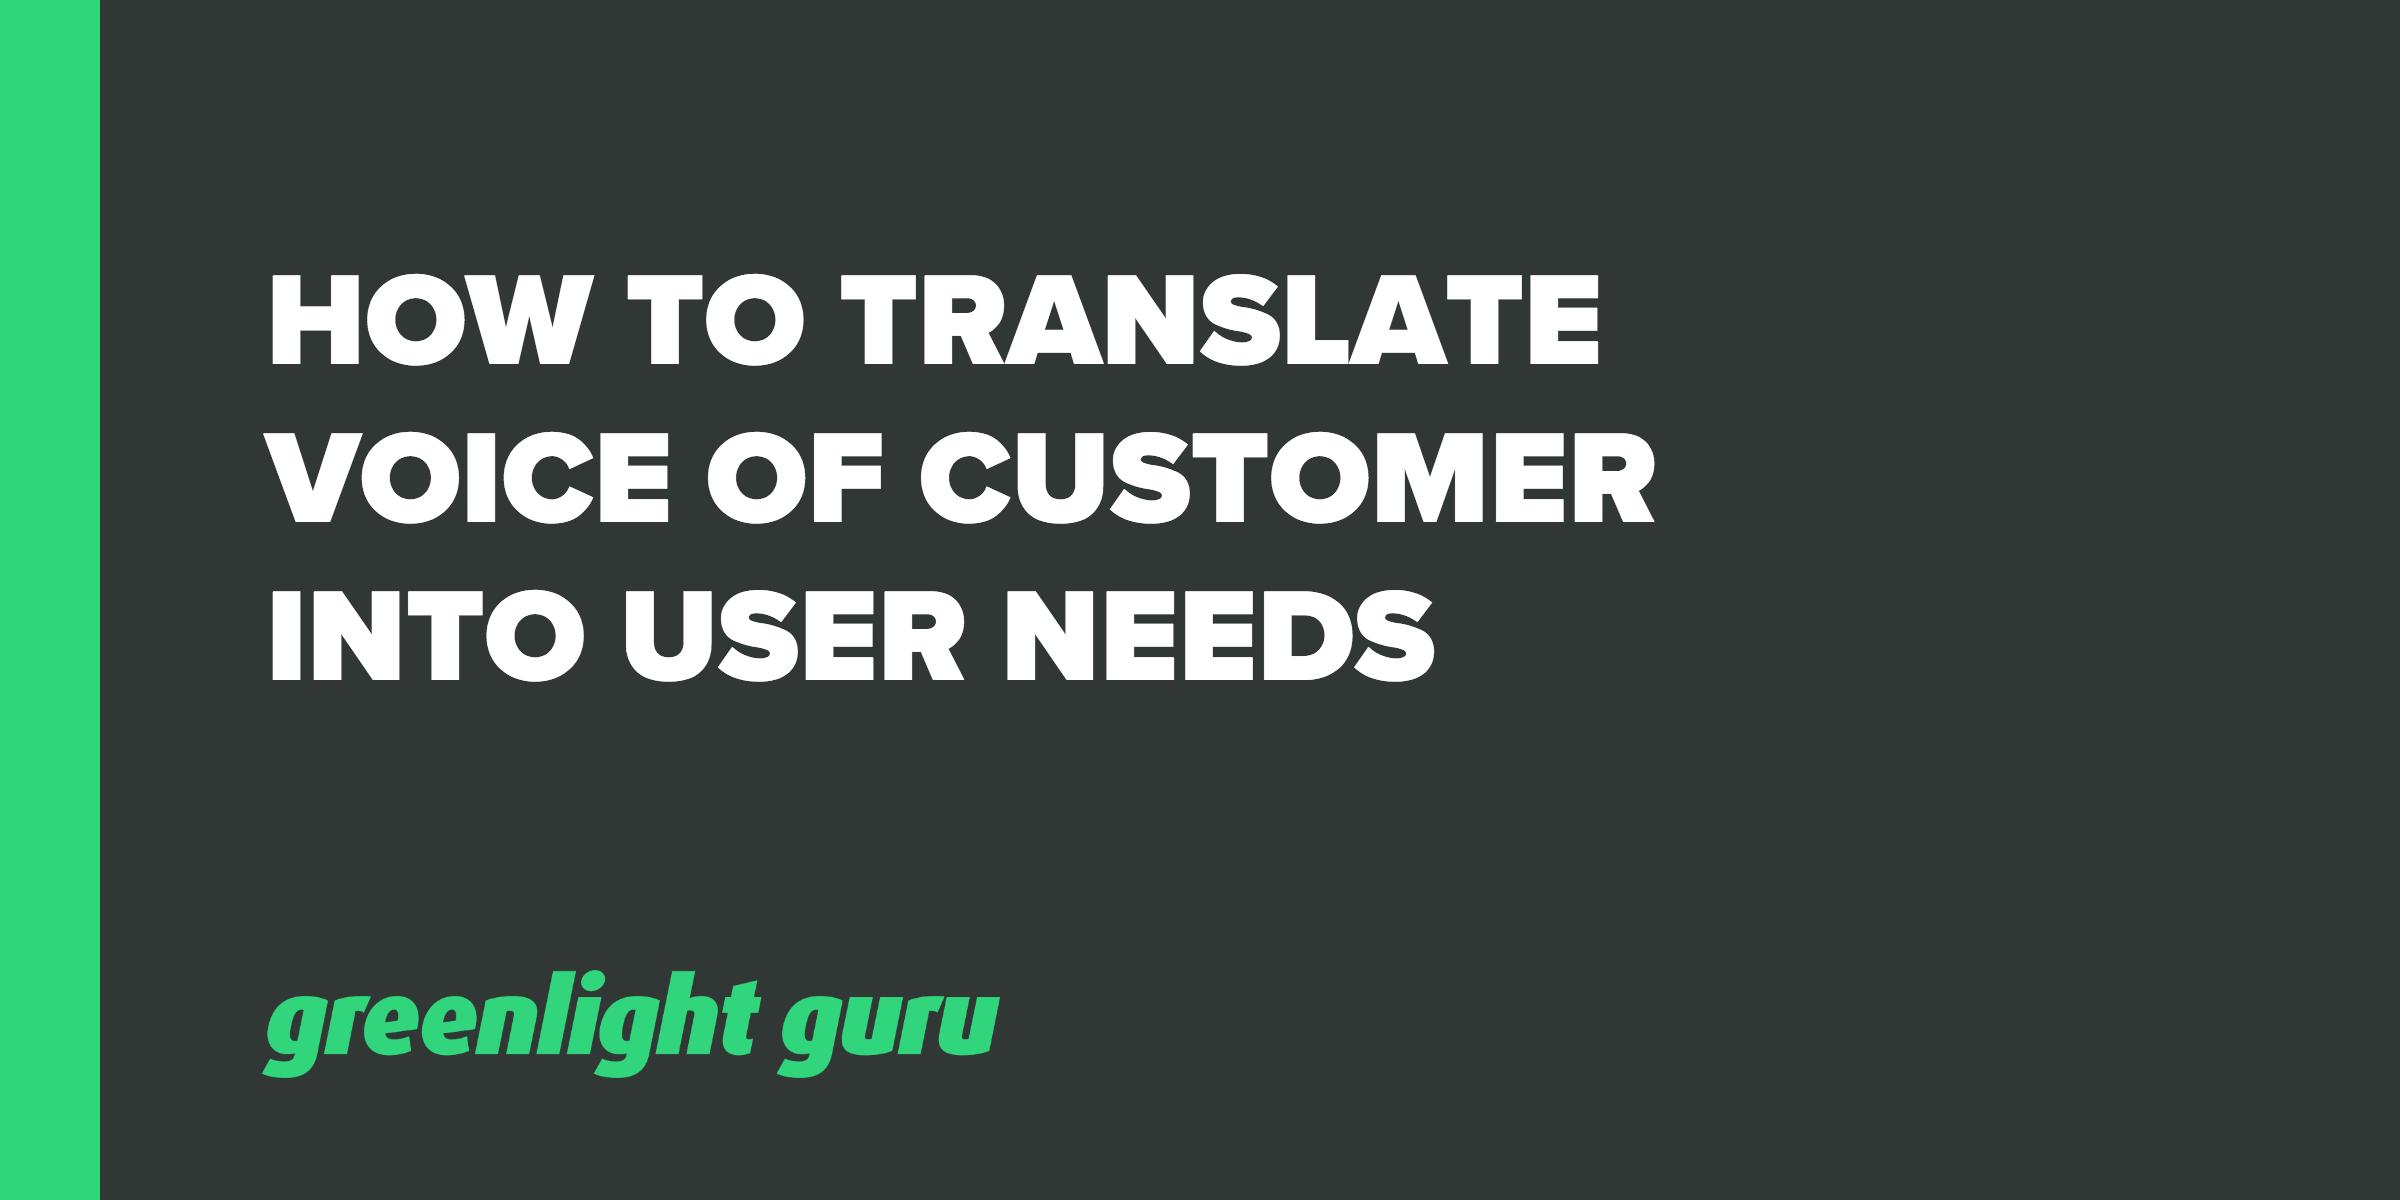 voc into user needs